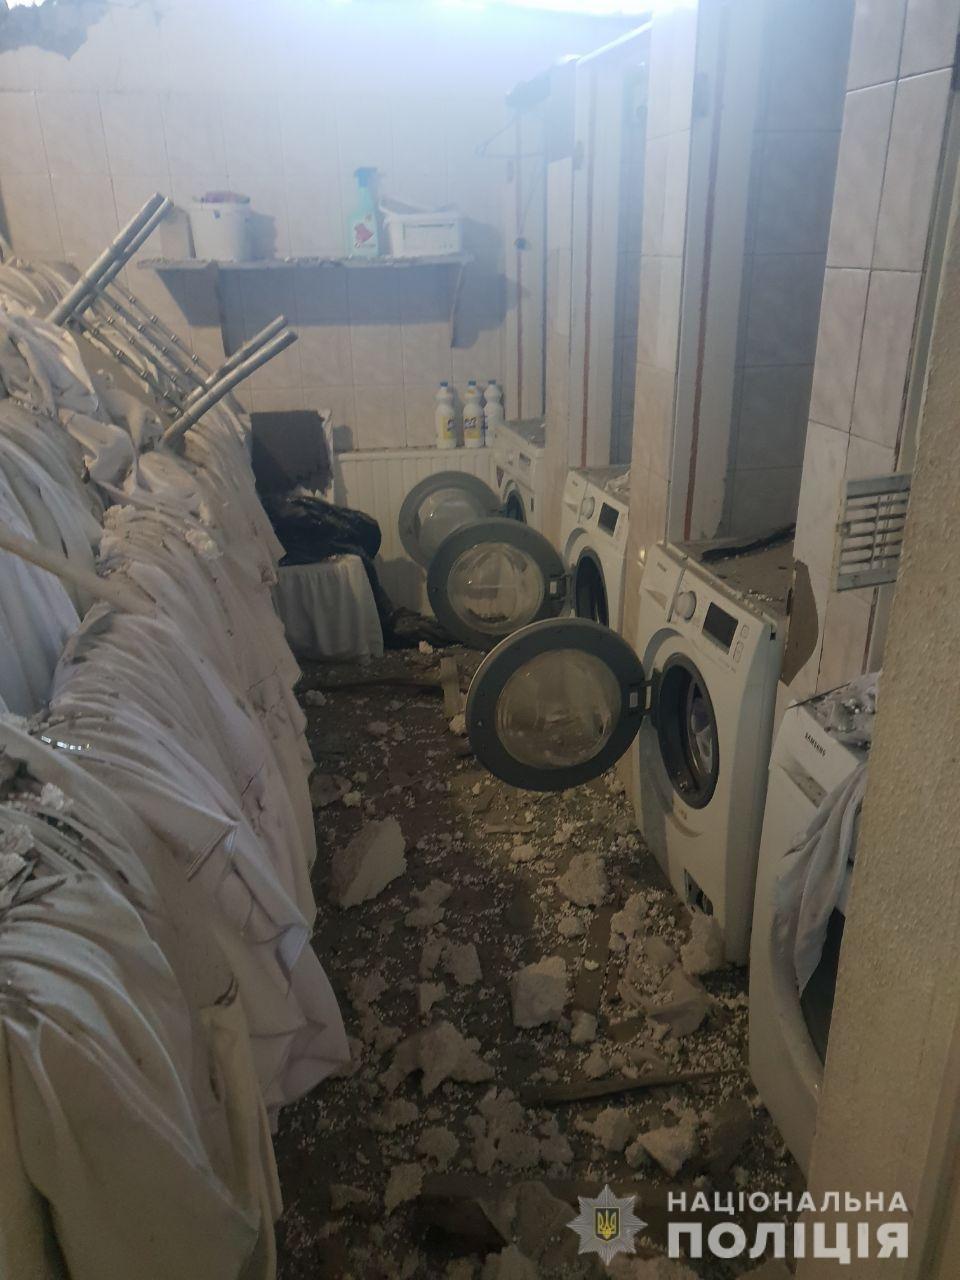 В полиции сообщили подробности утреннего взрыва в одесском ресторане, - ФОТО, фото-3